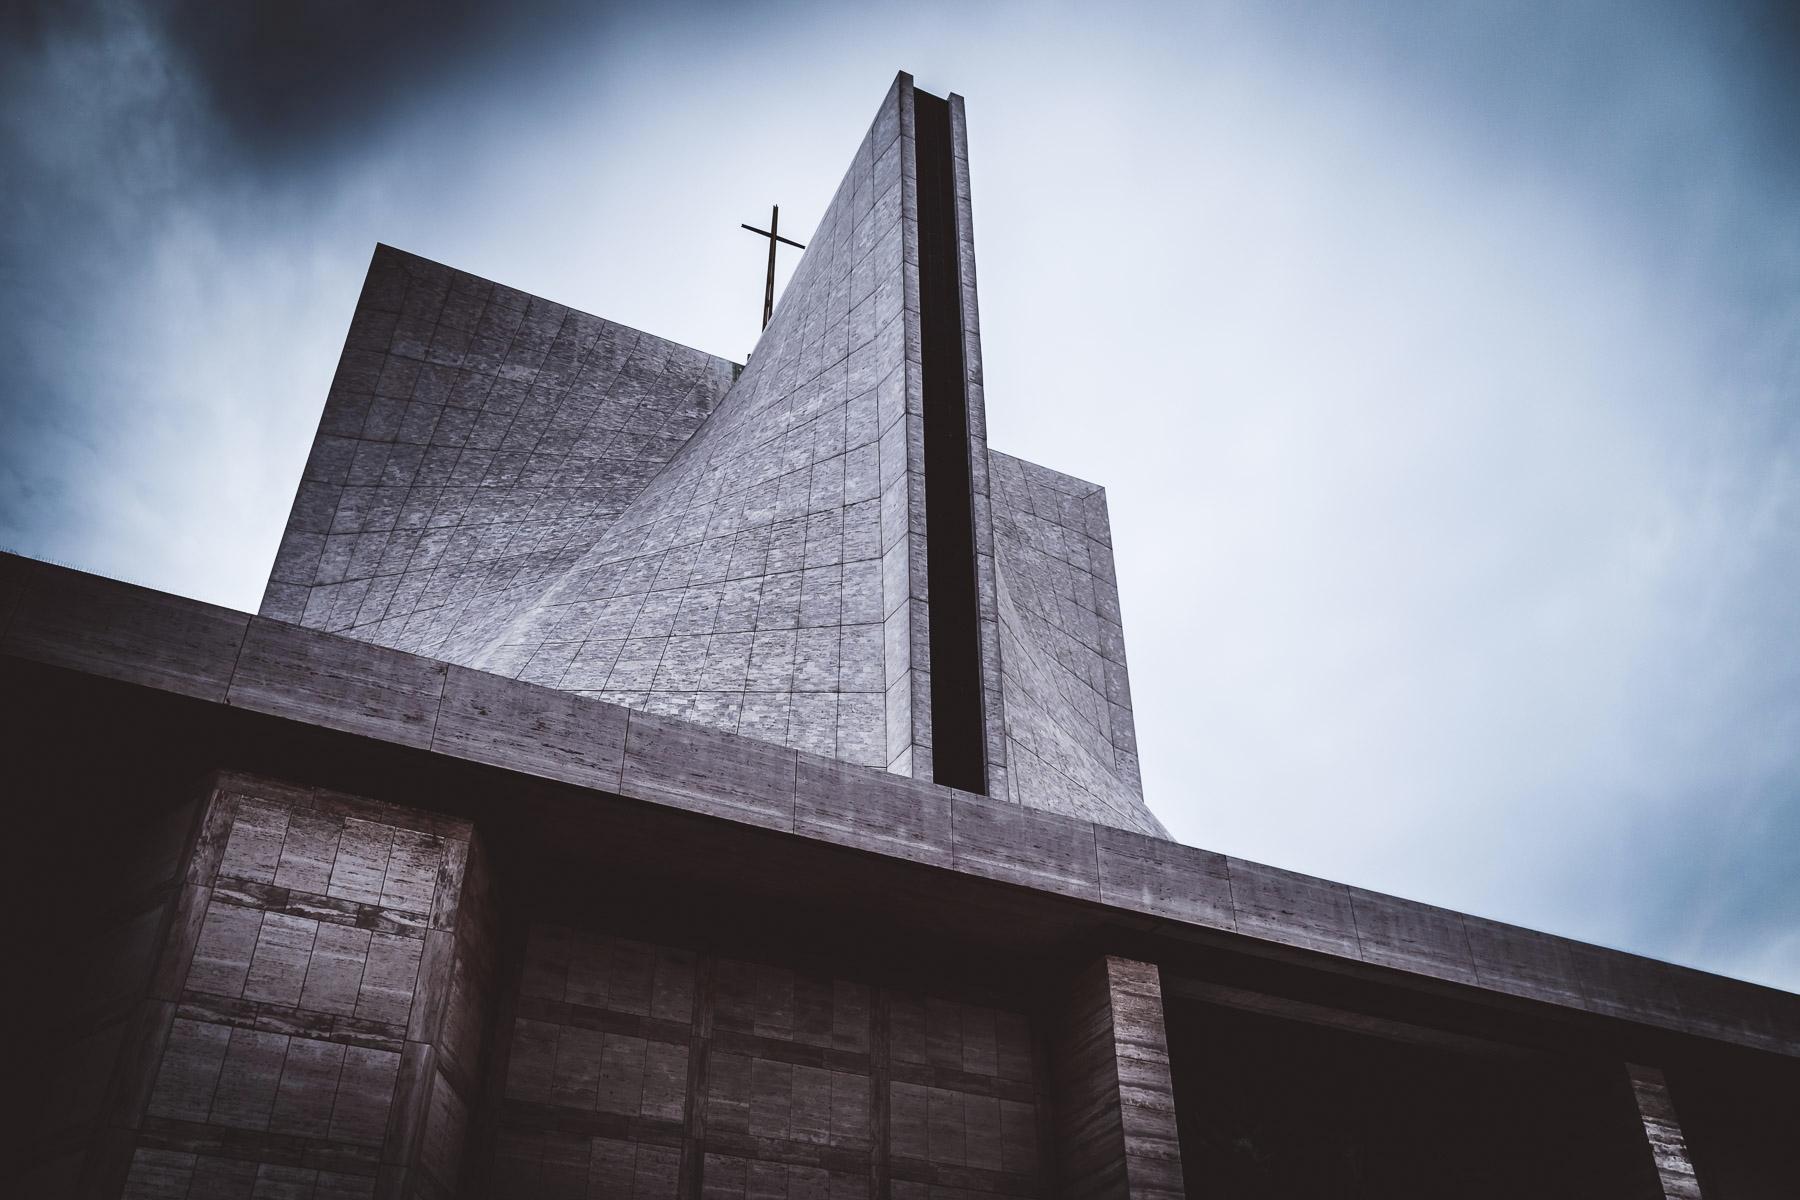 Holy Modernism 190-foot-tall Ca - mattgharvey | ello